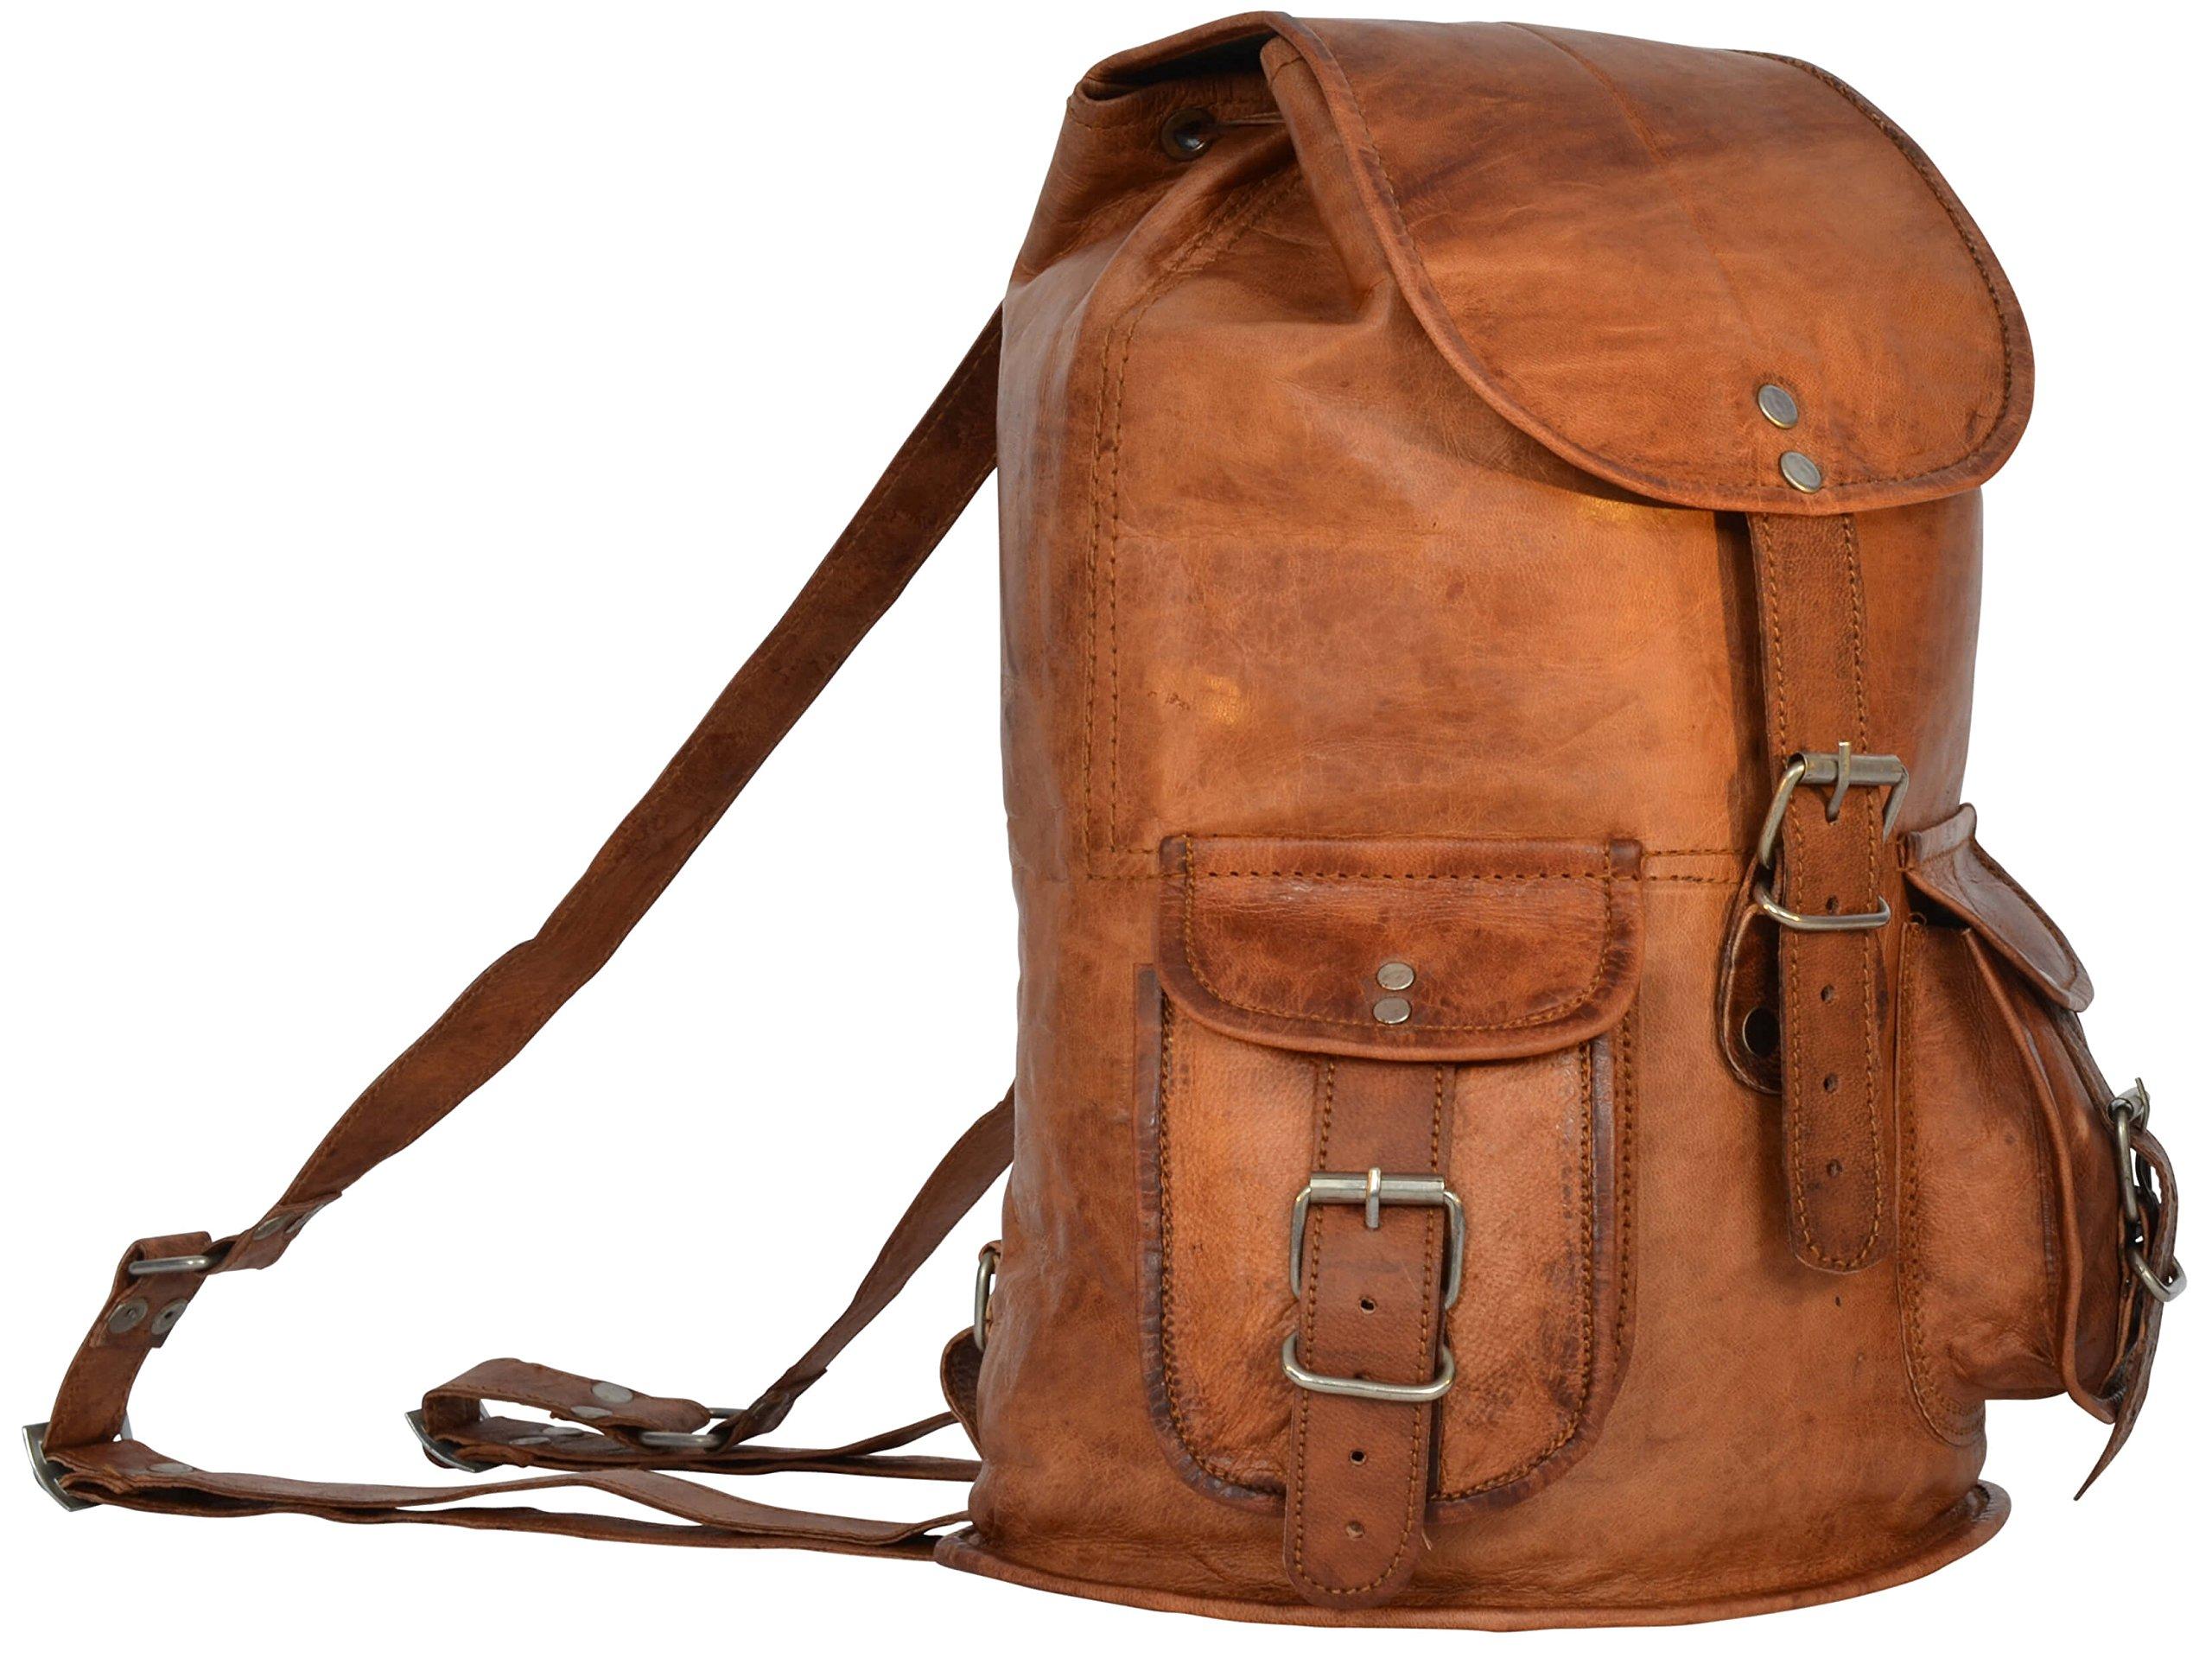 """Gusti Leder nature Genuine Leather Backpack """"Penguin"""" Rucksack Vintage Sling Bag City Uni College Shoulder Leisure Bag Unisex Brown M30"""